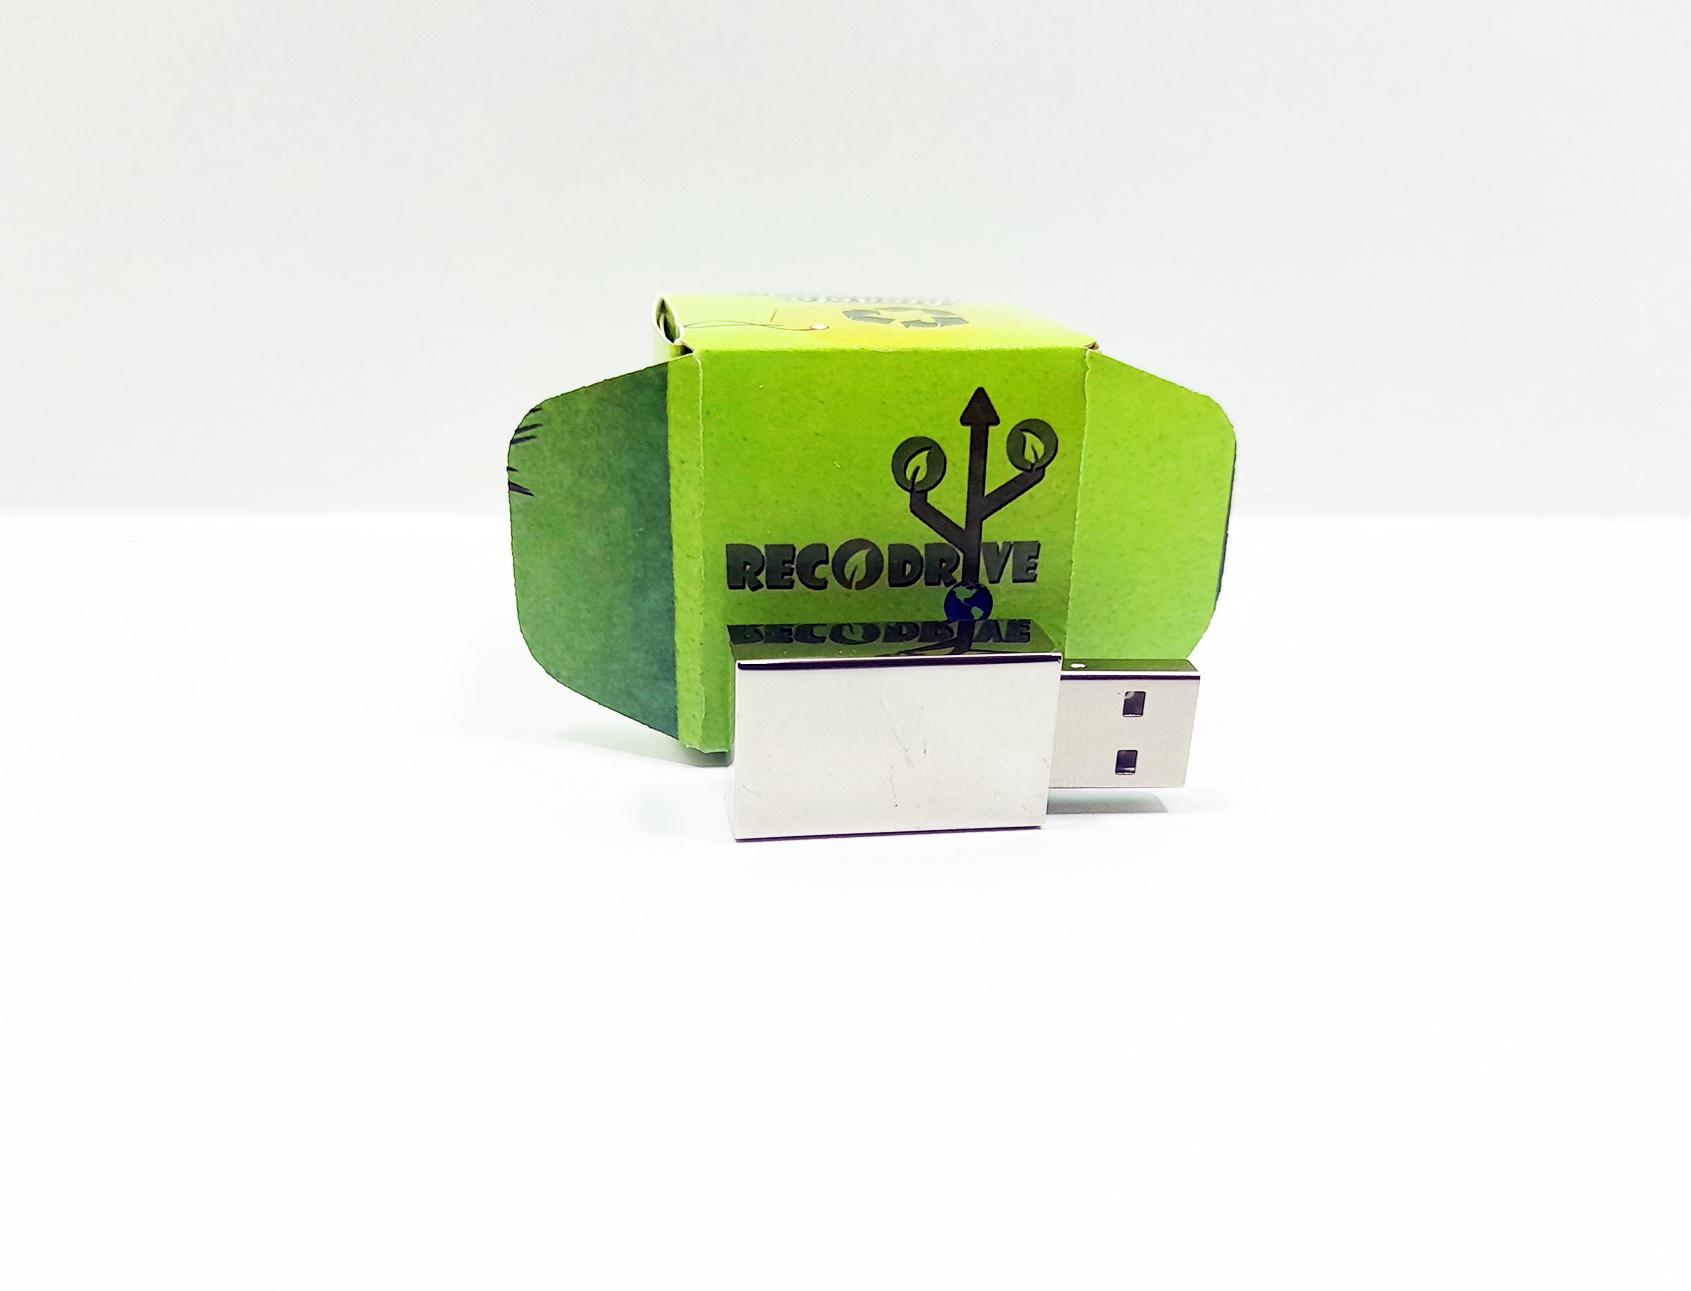 Linha rECOdrive - Pendrives Ecologicos Sustentáveis - Fit Prata 8 GB e 16 GB - Exclusivo